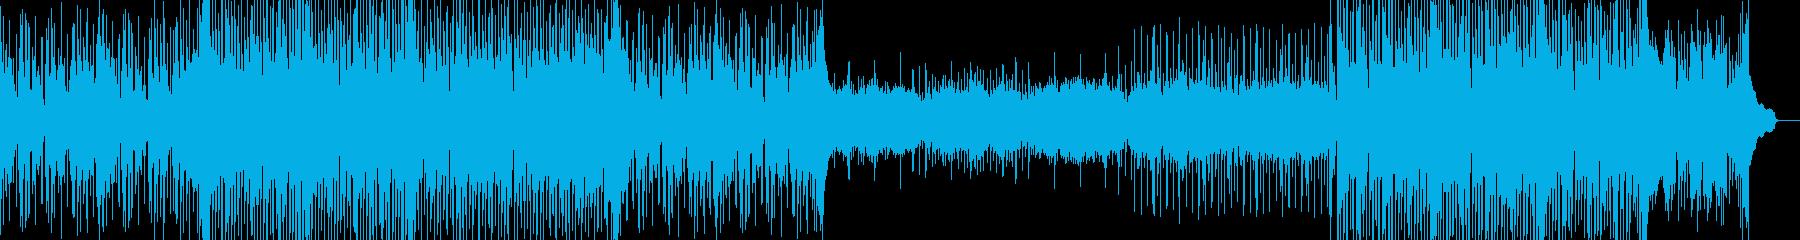 落ち着いた雰囲気の作業用BGMの再生済みの波形